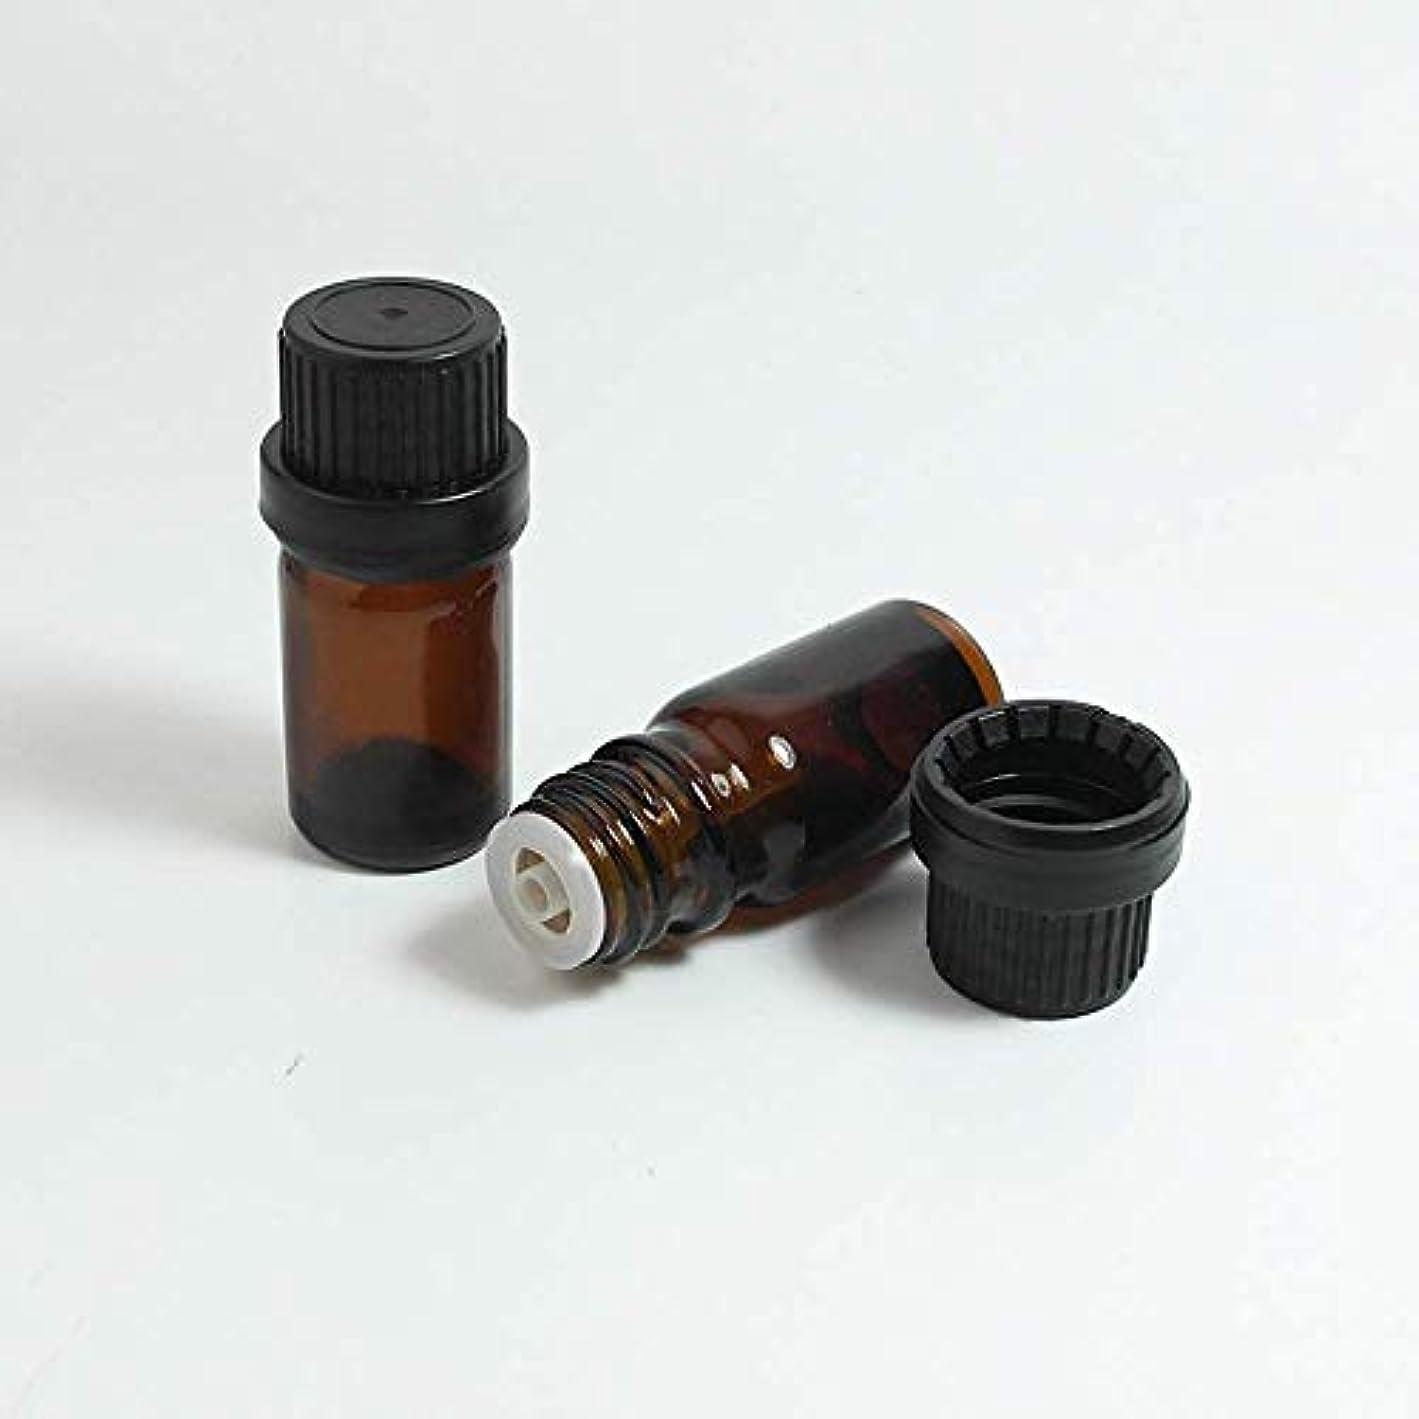 シングル未接続礼拝Simg アロマオイル 精油 遮光瓶 セット ガラス製 エッセンシャルオイル 保存用 保存容器詰め替え 茶色 10ml 5本セット